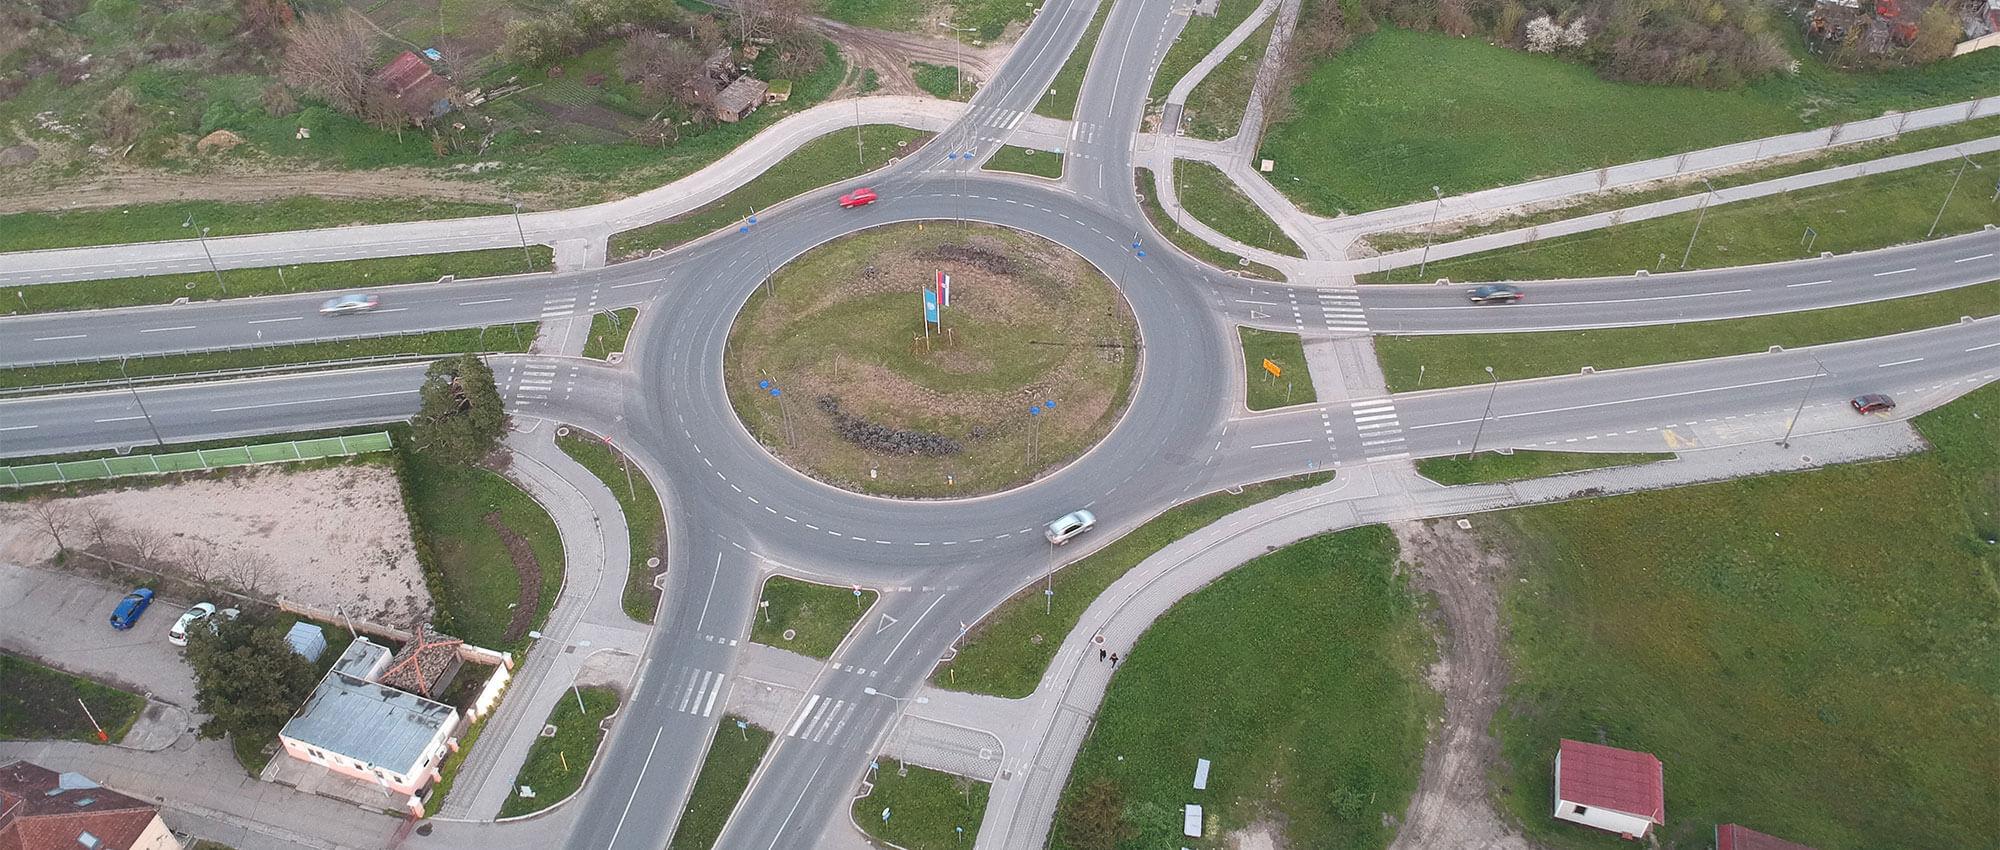 Raskrsnica Rumenačkog puta (R 102) i bulevara Evrope (projektovanje)